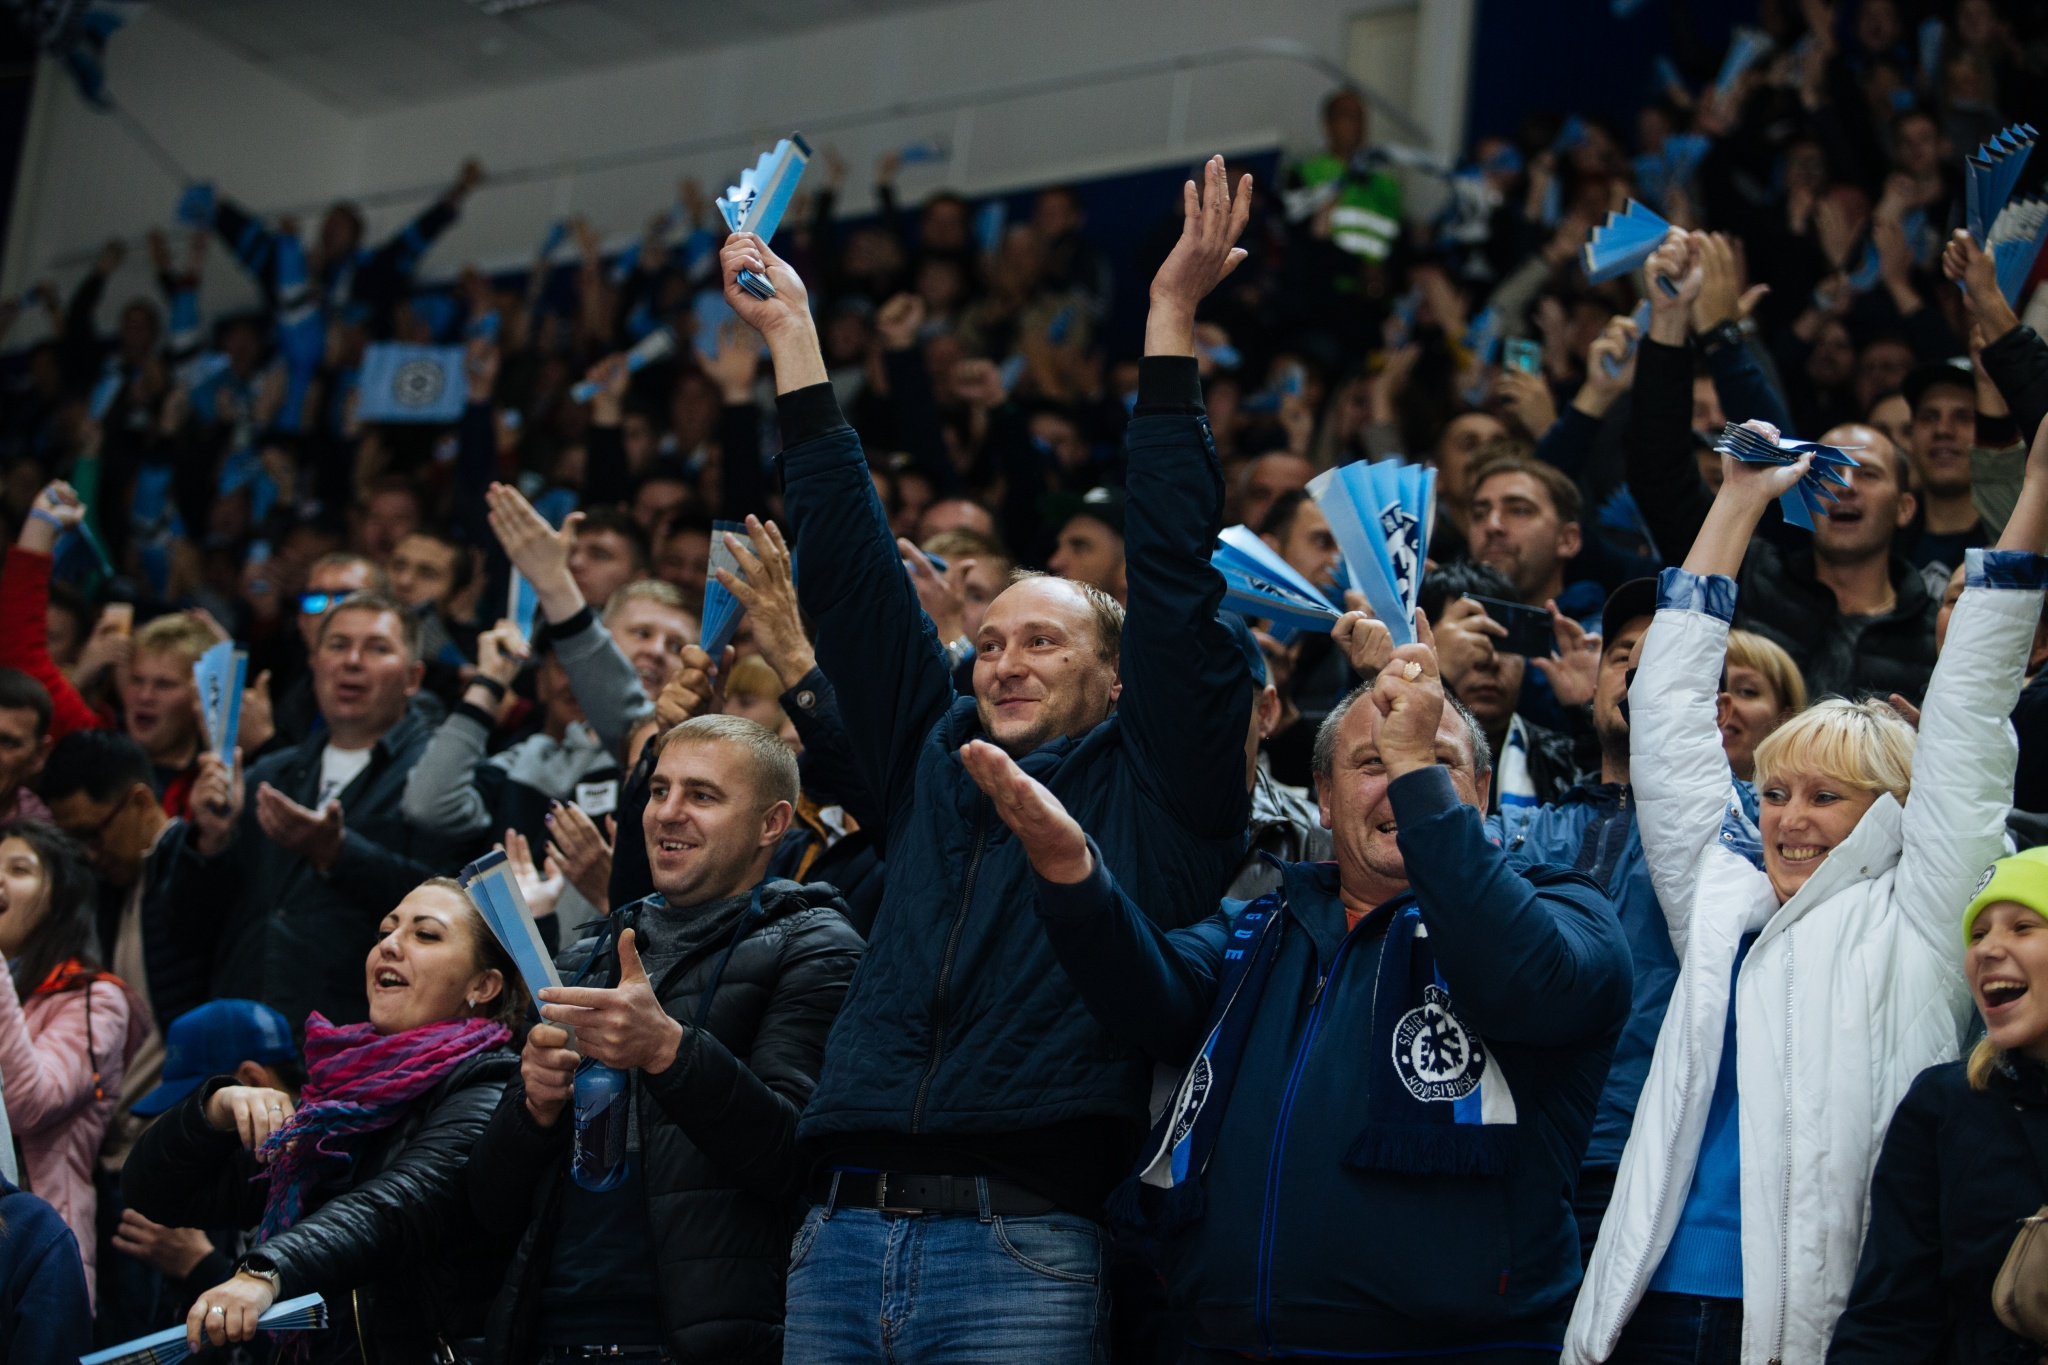 Матчи КХЛ в сентябре посетило почти 950 тыс. болельщиков